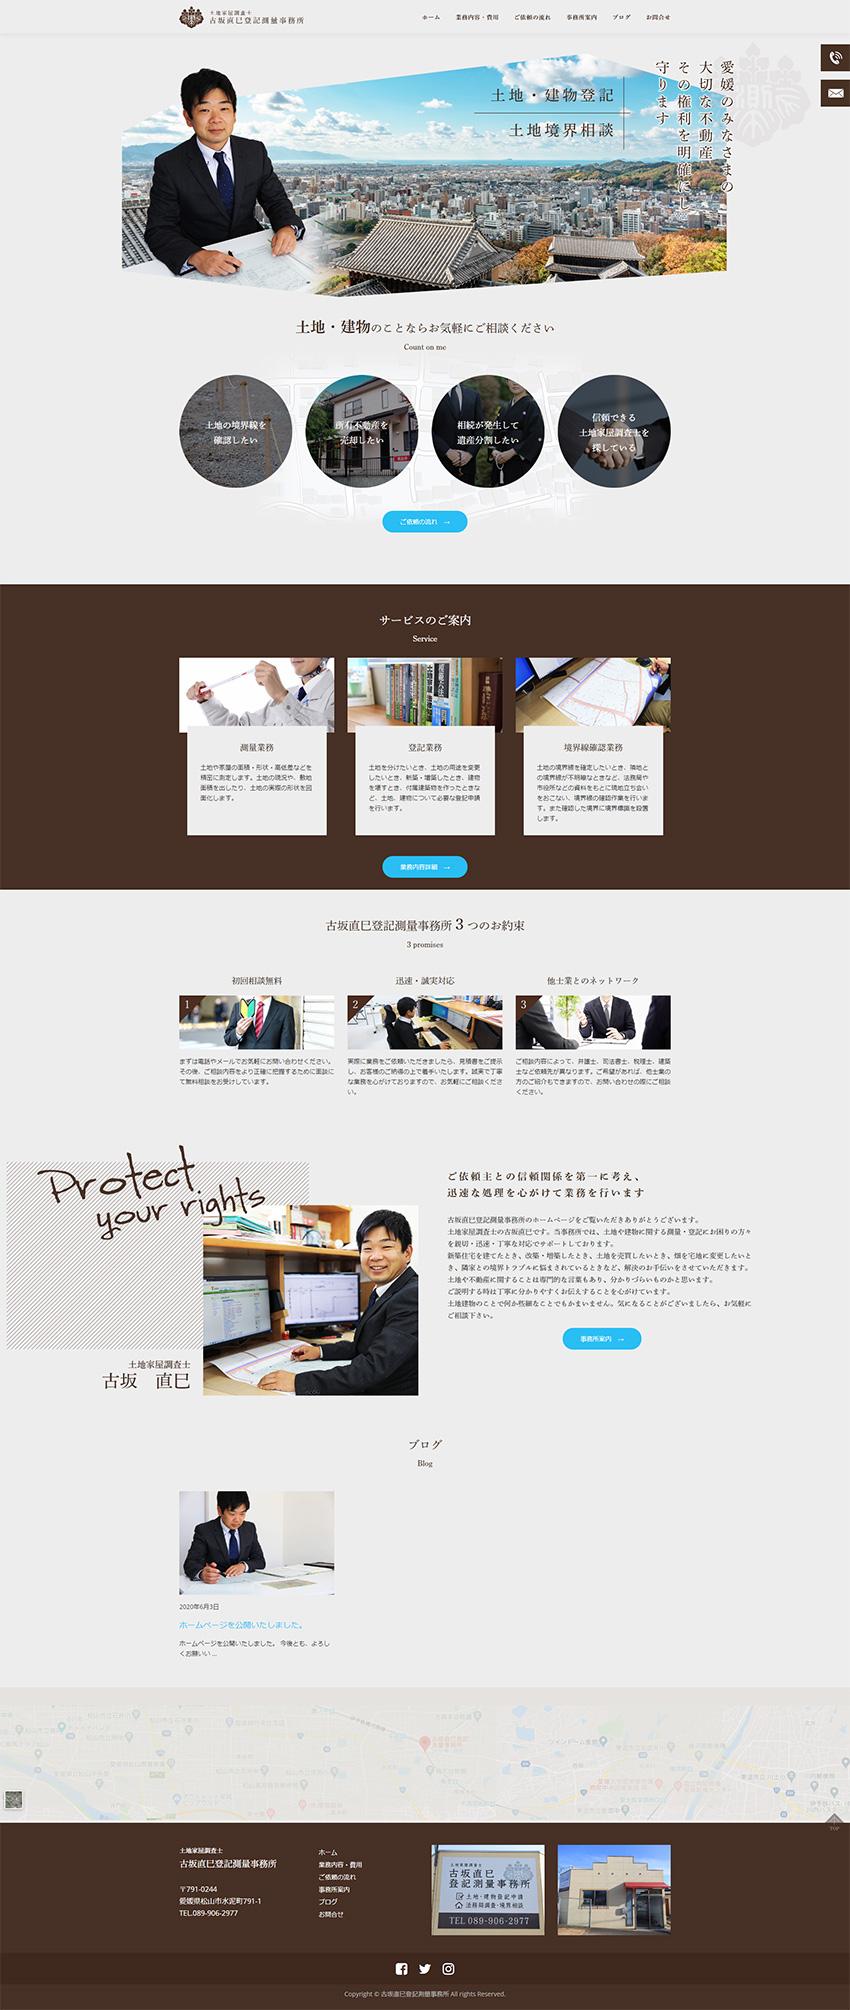 古坂直巳登記測量事務所様WEBサイト